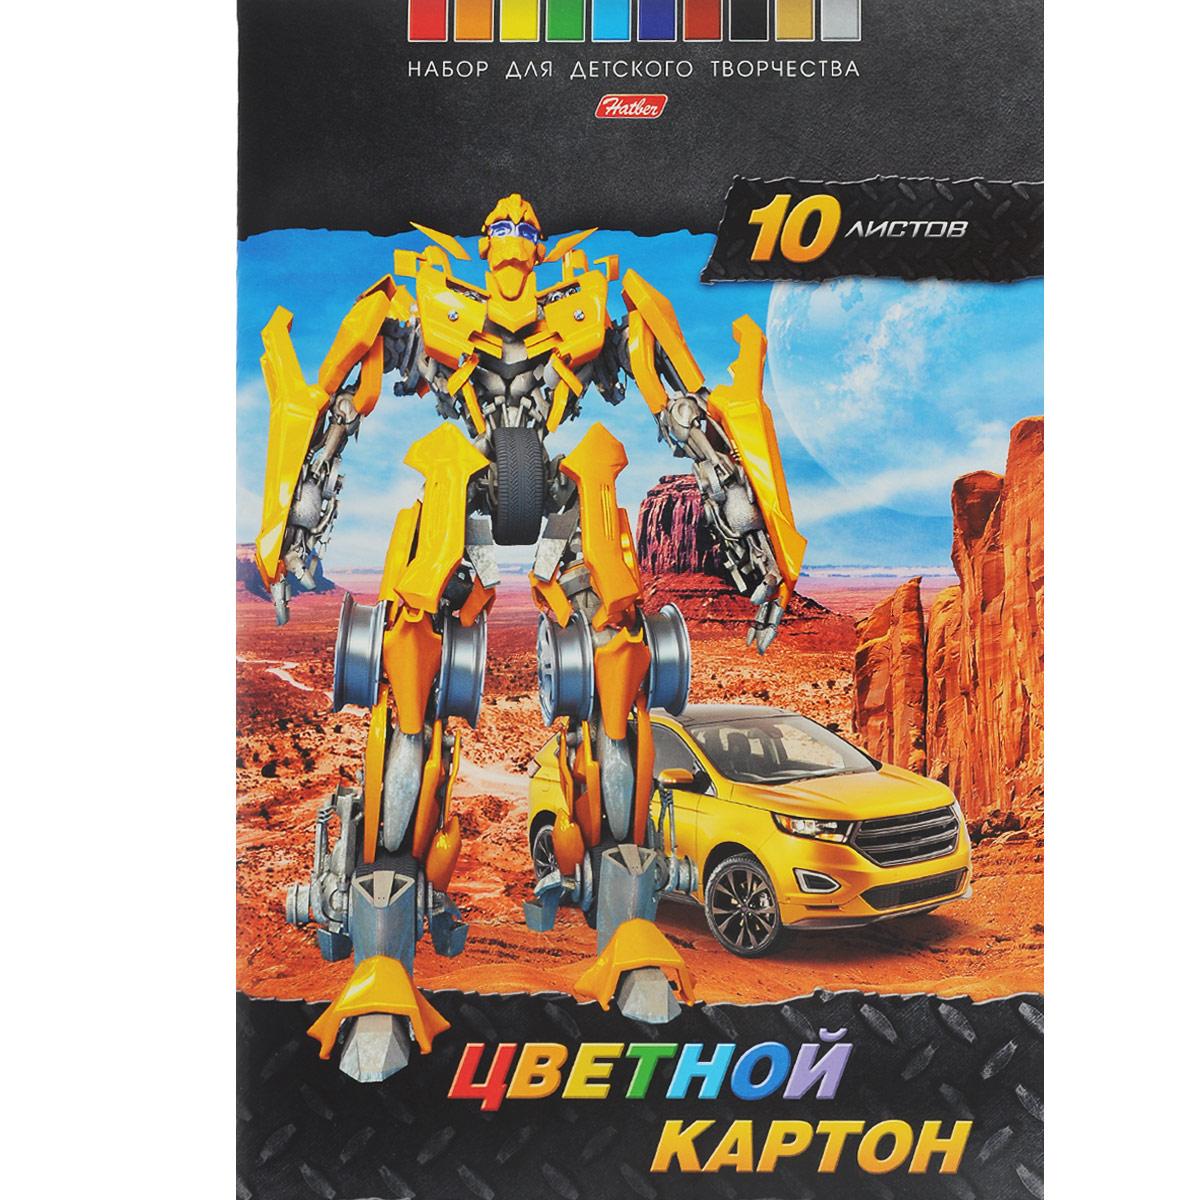 Картон цветной Hatber: Трансформер, 10 цв, формат А410Кц4_13021Картон цветной Hatber: Трансформер позволит создавать всевозможные аппликации и поделки. Набор включает 10 листов одностороннего цветного картона формата А4. Цвета: золотистый, синий, серебристый, красный, зеленый, желтый, голубой, оранжевый, коричневый, черный. Создание поделок из цветного картона позволяет ребенку развивать творческие способности, кроме того, это увлекательный досуг.